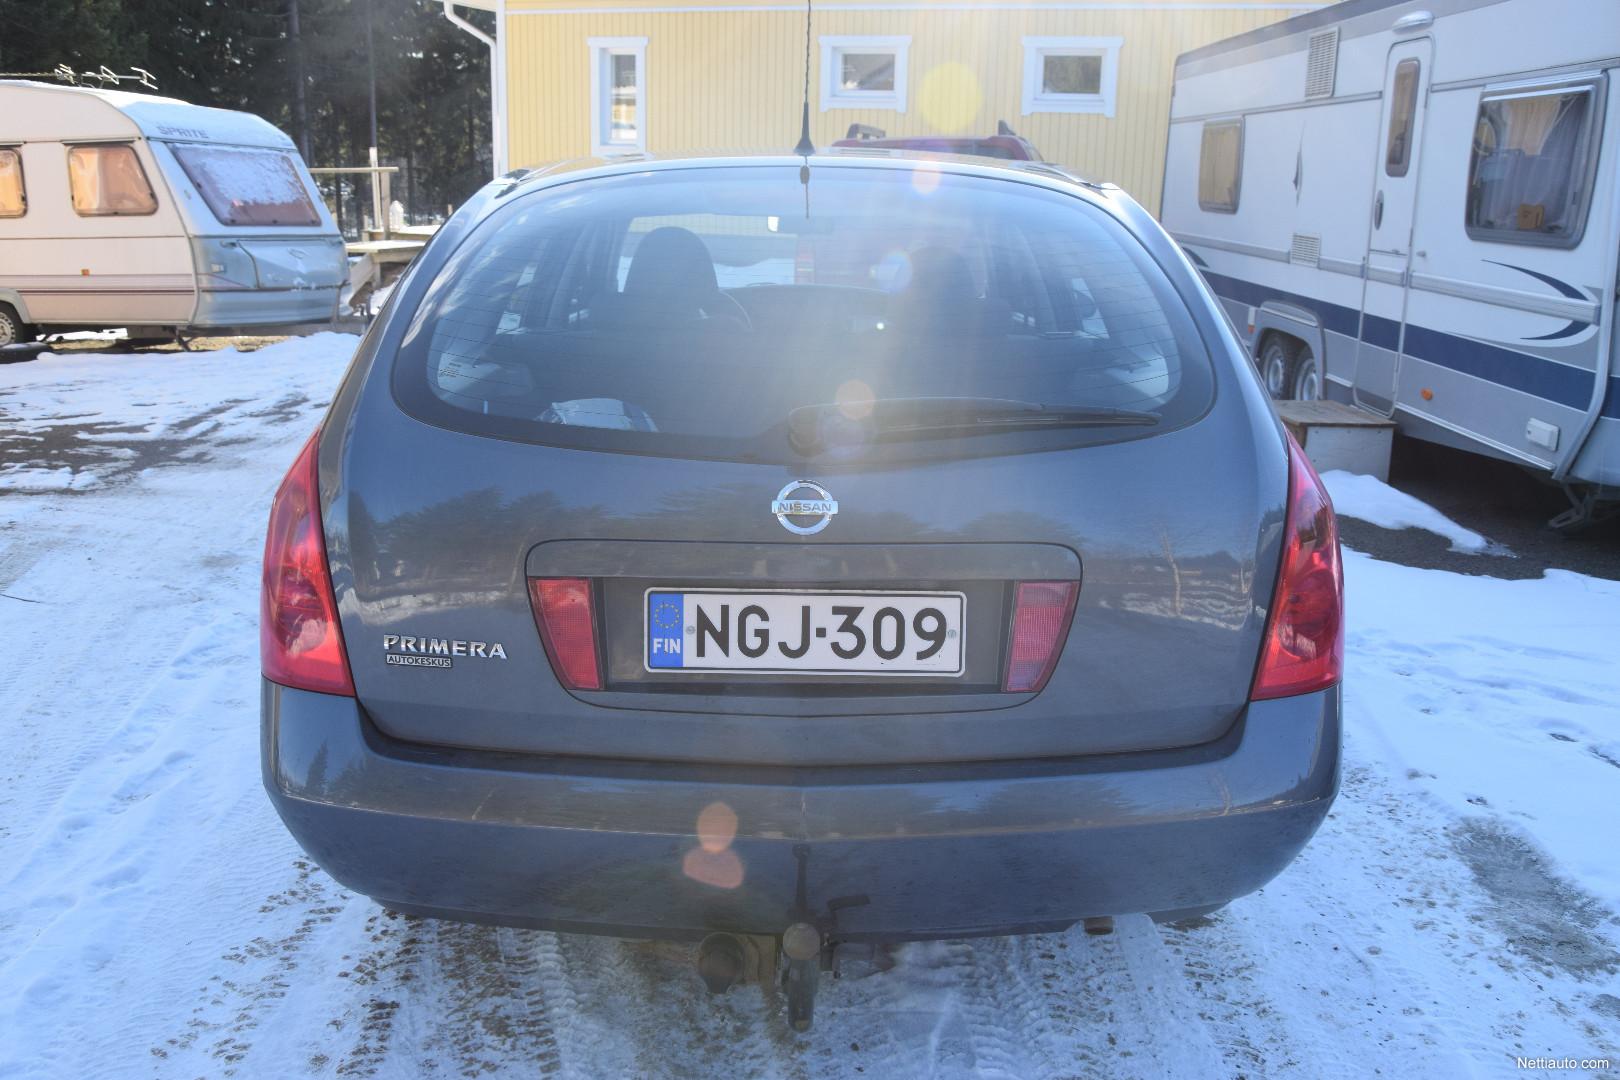 Turun Autokeskus